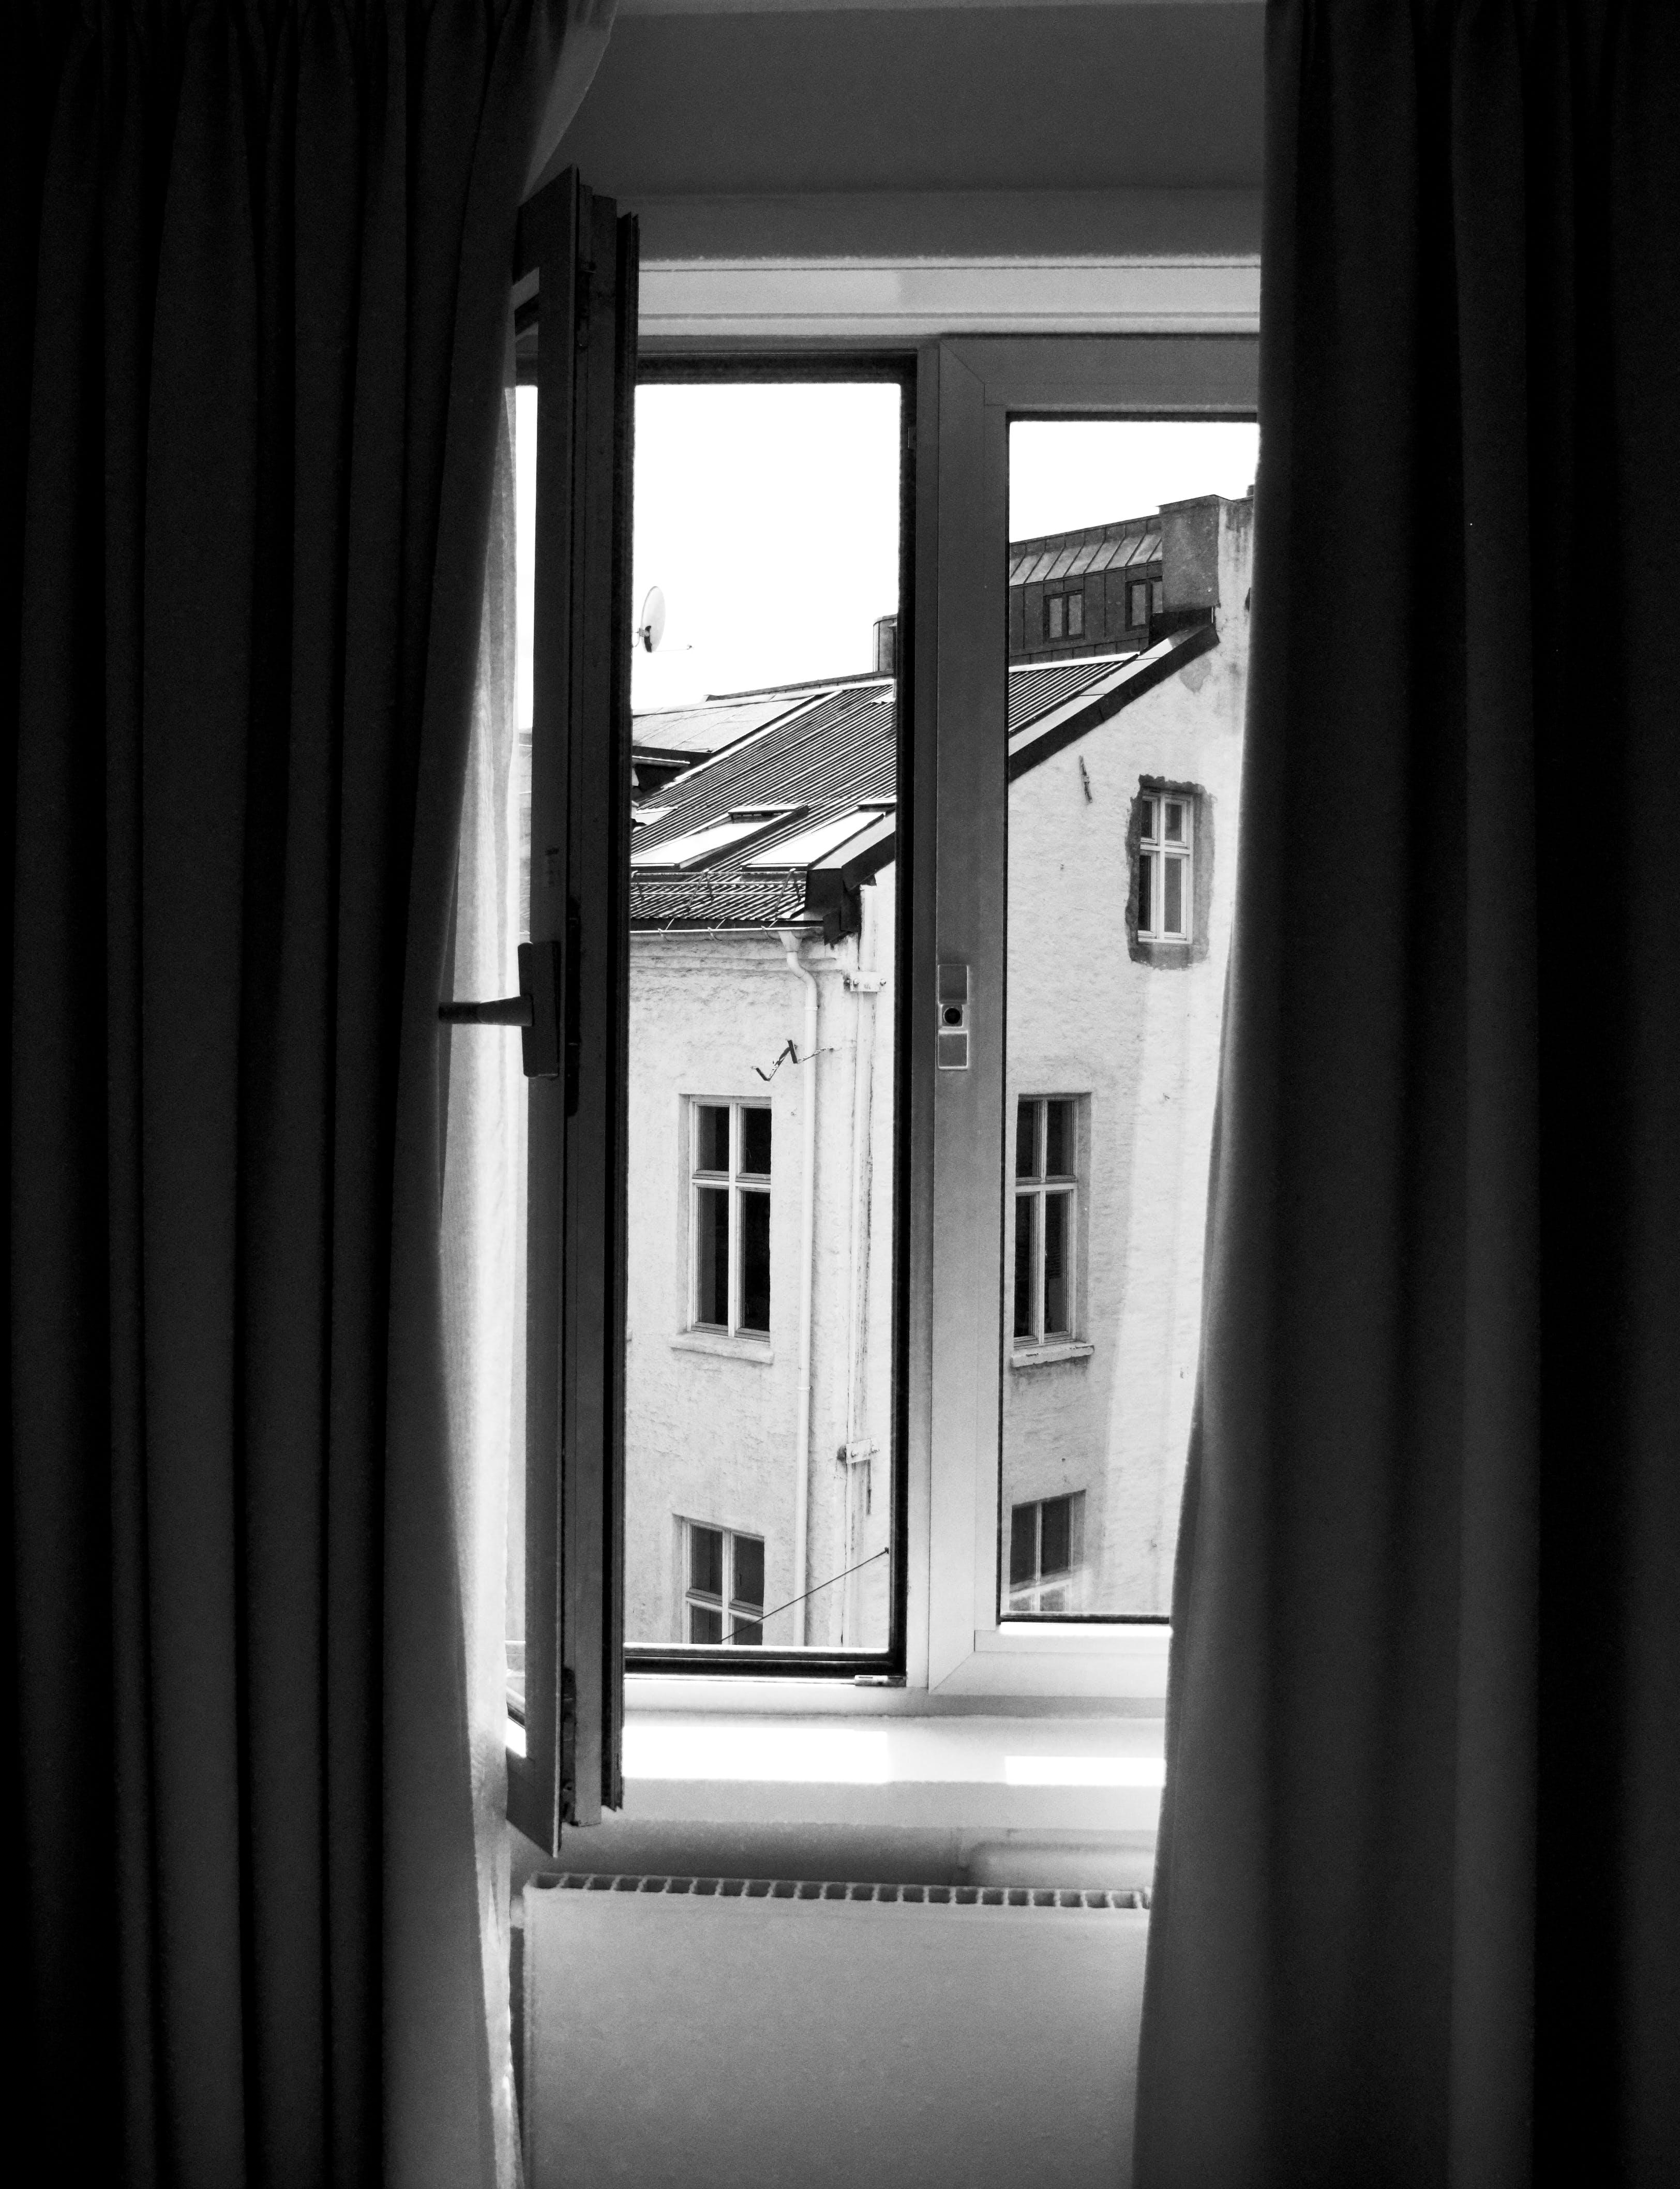 Ingyenes stockfotó ablakok, ajtó, beltéri, építészet témában